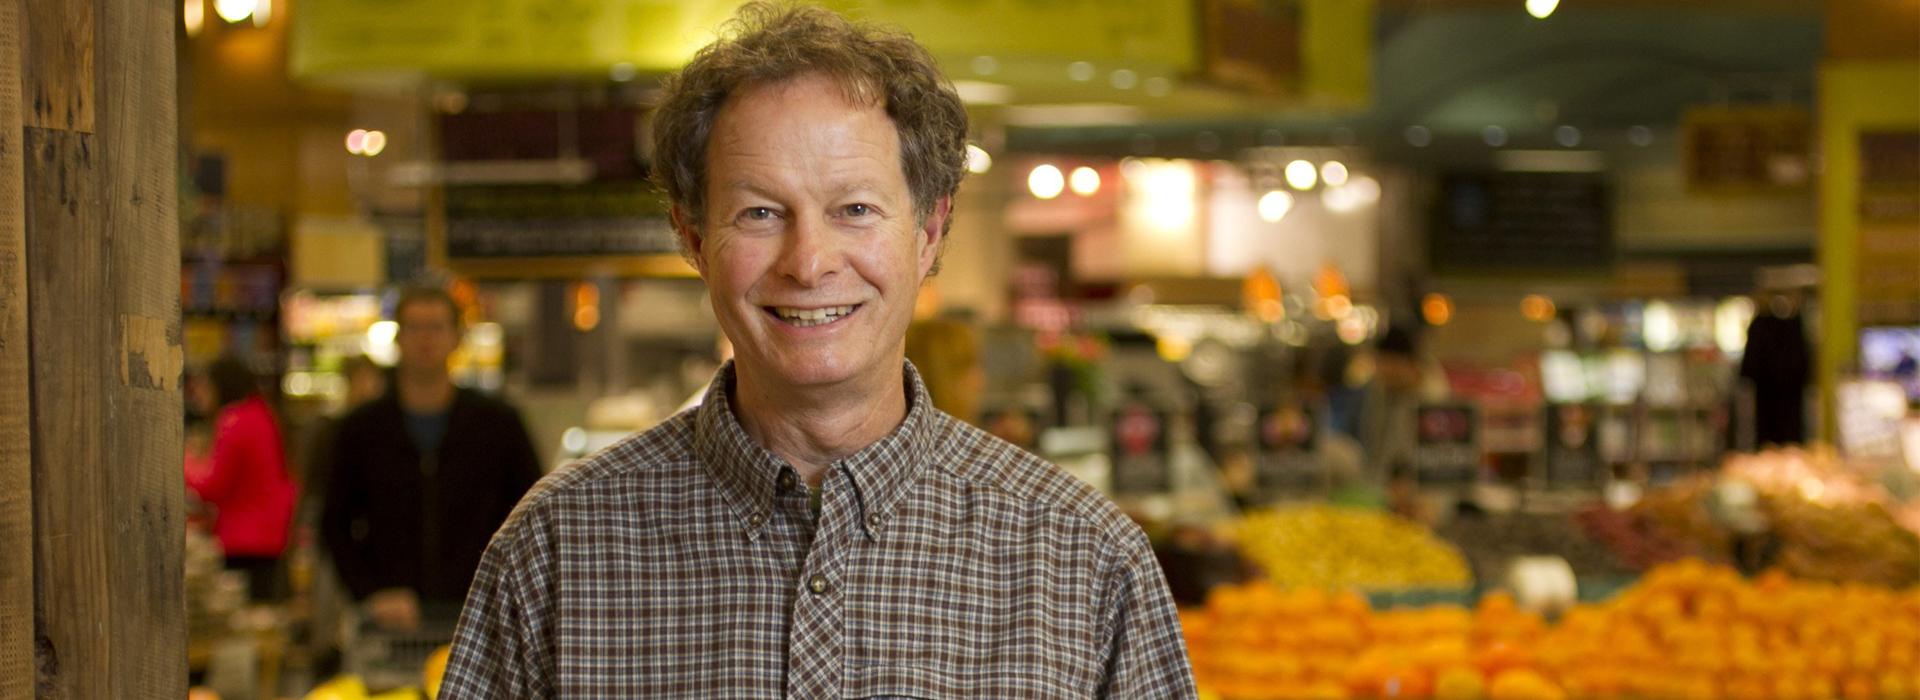 成功者都是灰色的!他賣有機食物、對員工慷慨  而Amazon用137億美元買下他的公司